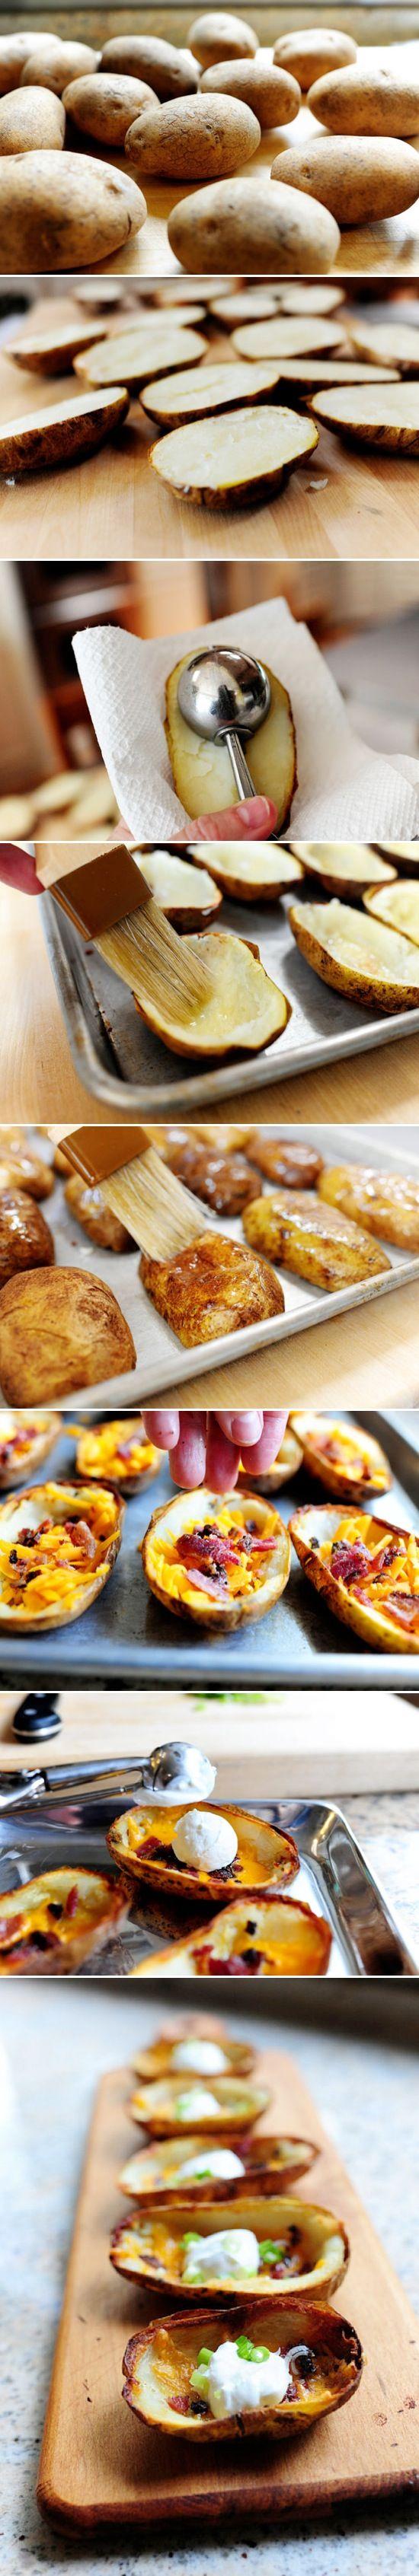 Bacon-Loaded-Potato-Skins